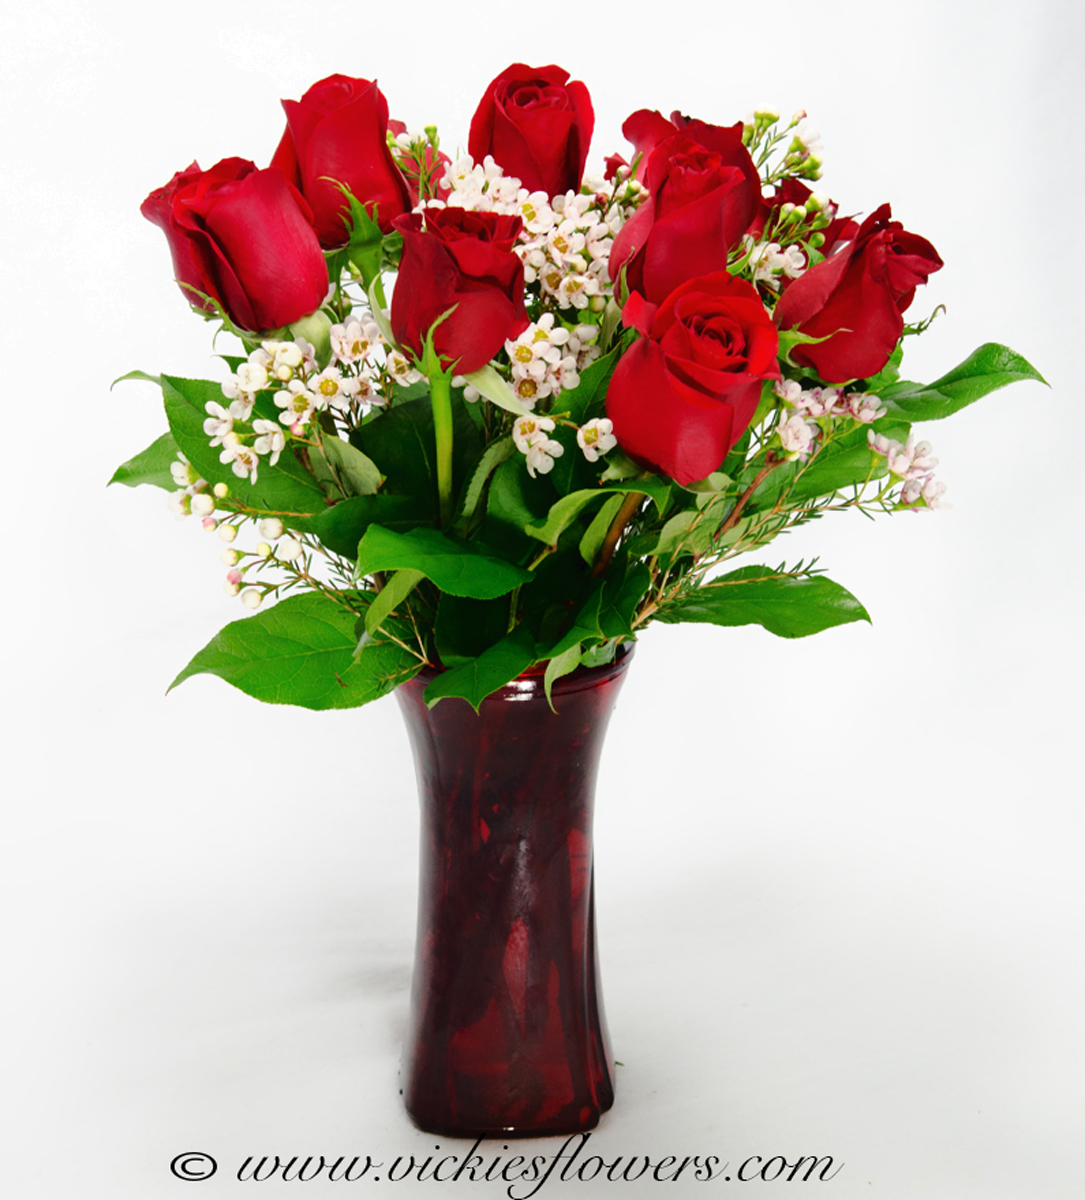 Roses Anniversary Love Flowers Bouquet Arrangement Archives